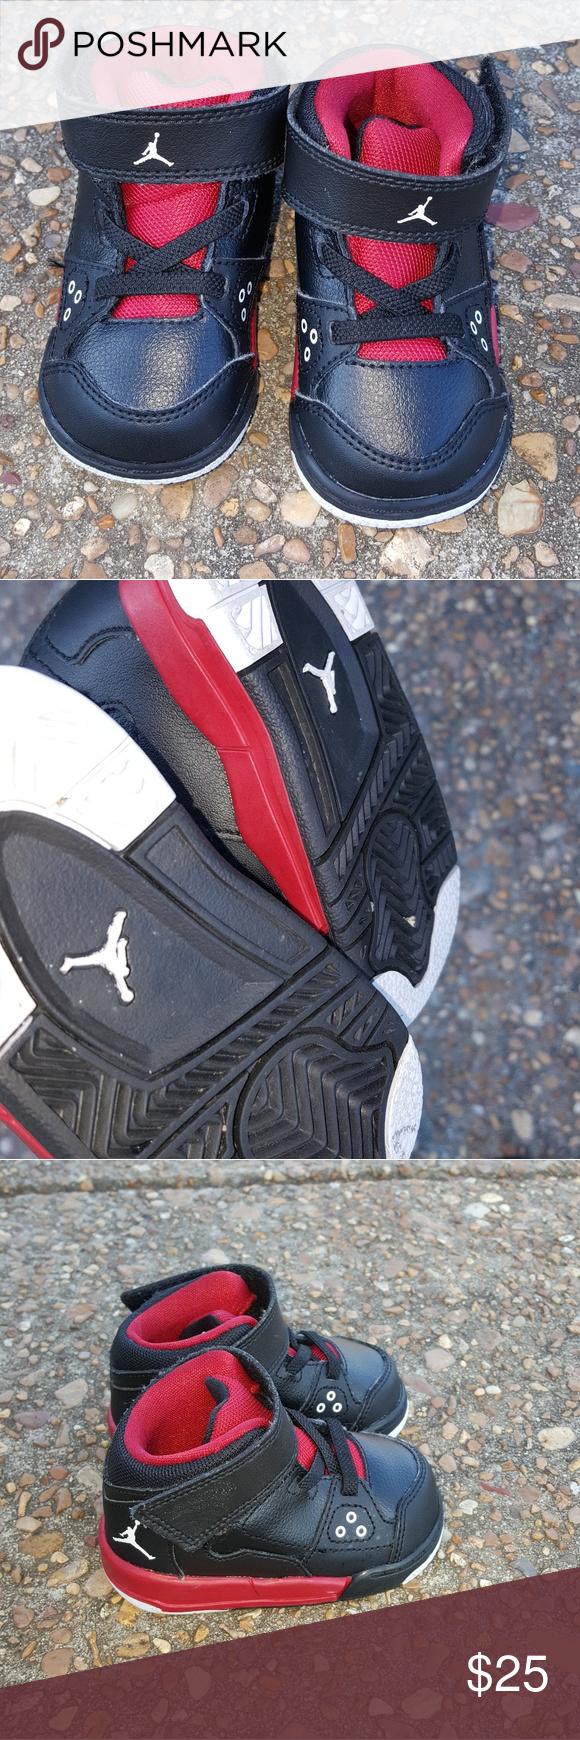 Air Jordan Nice clean pair of baby jordan shoes in good